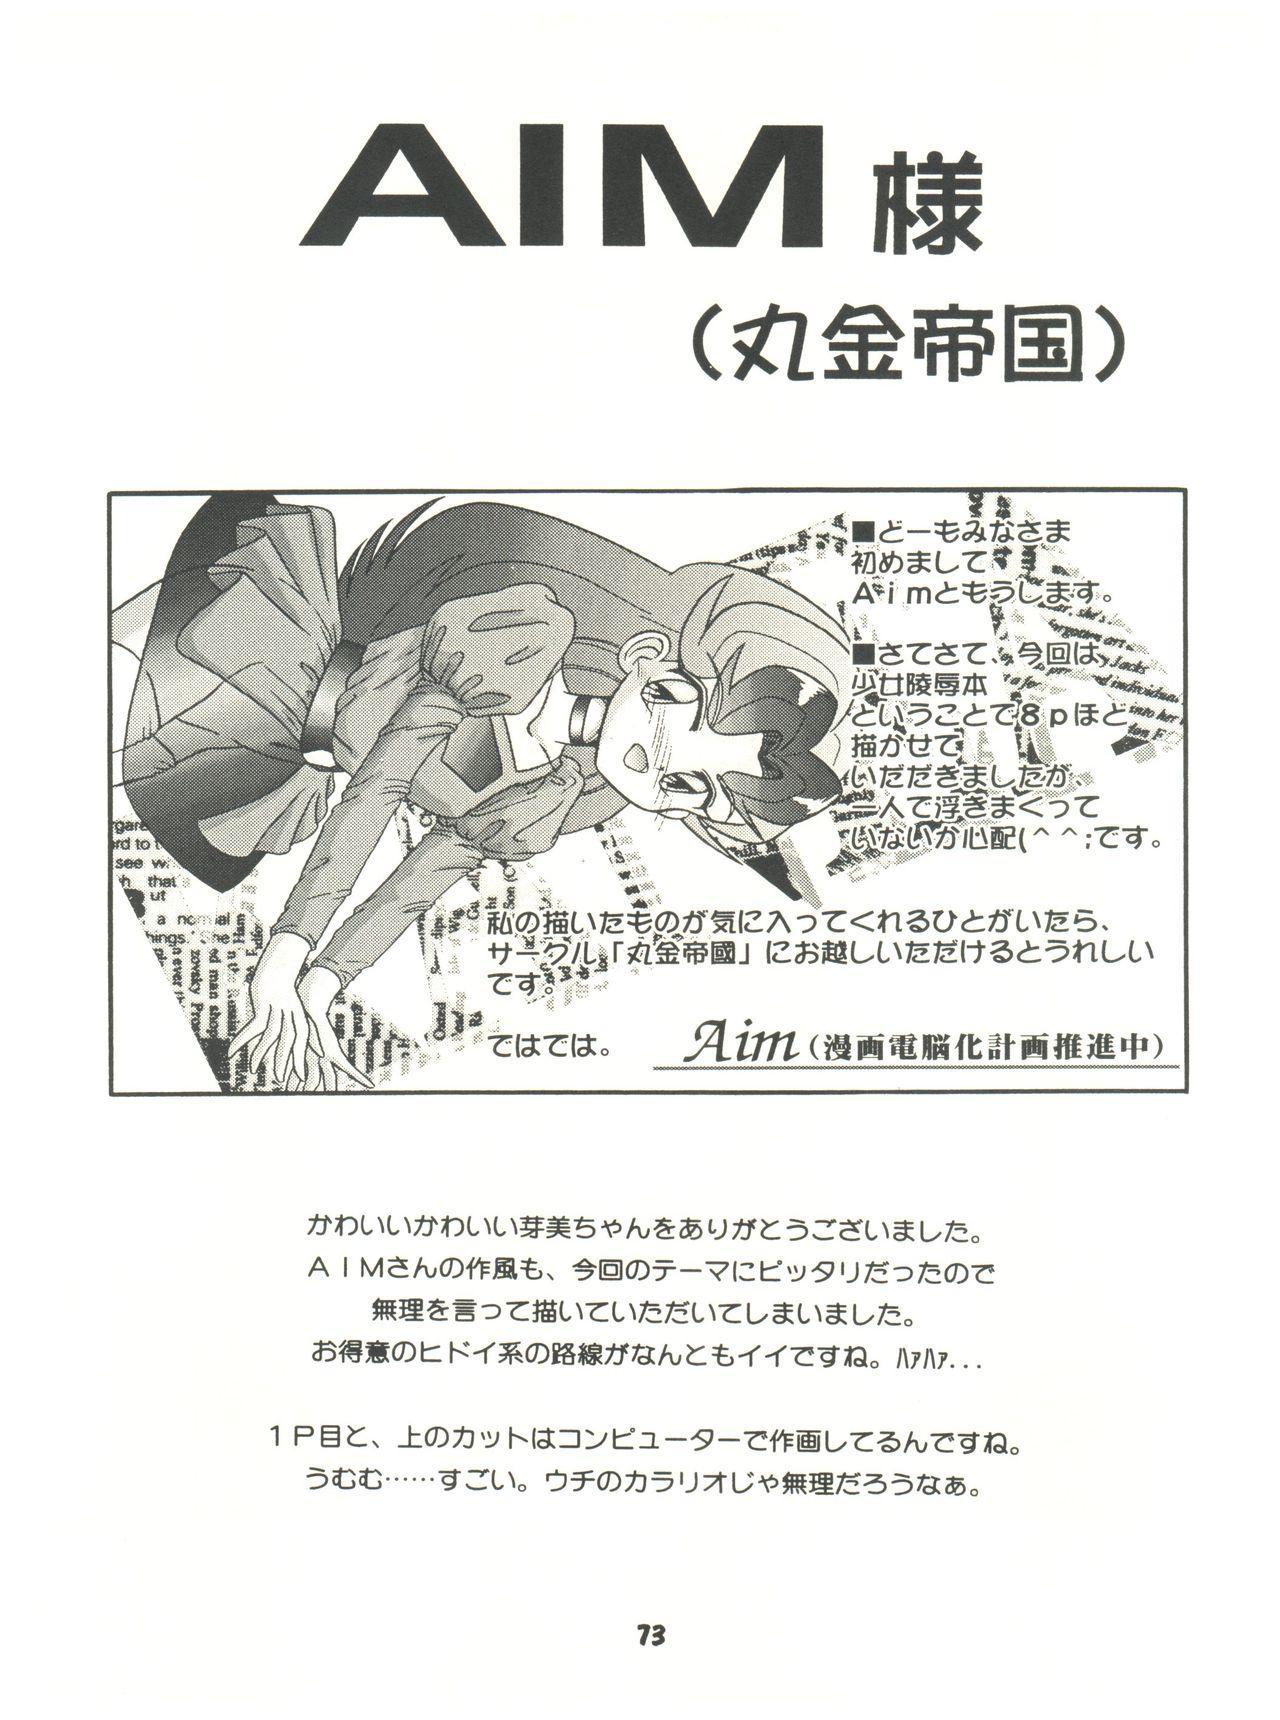 [Sairo Publishing (J. Sairo) En-Jack 2 (Various) 72